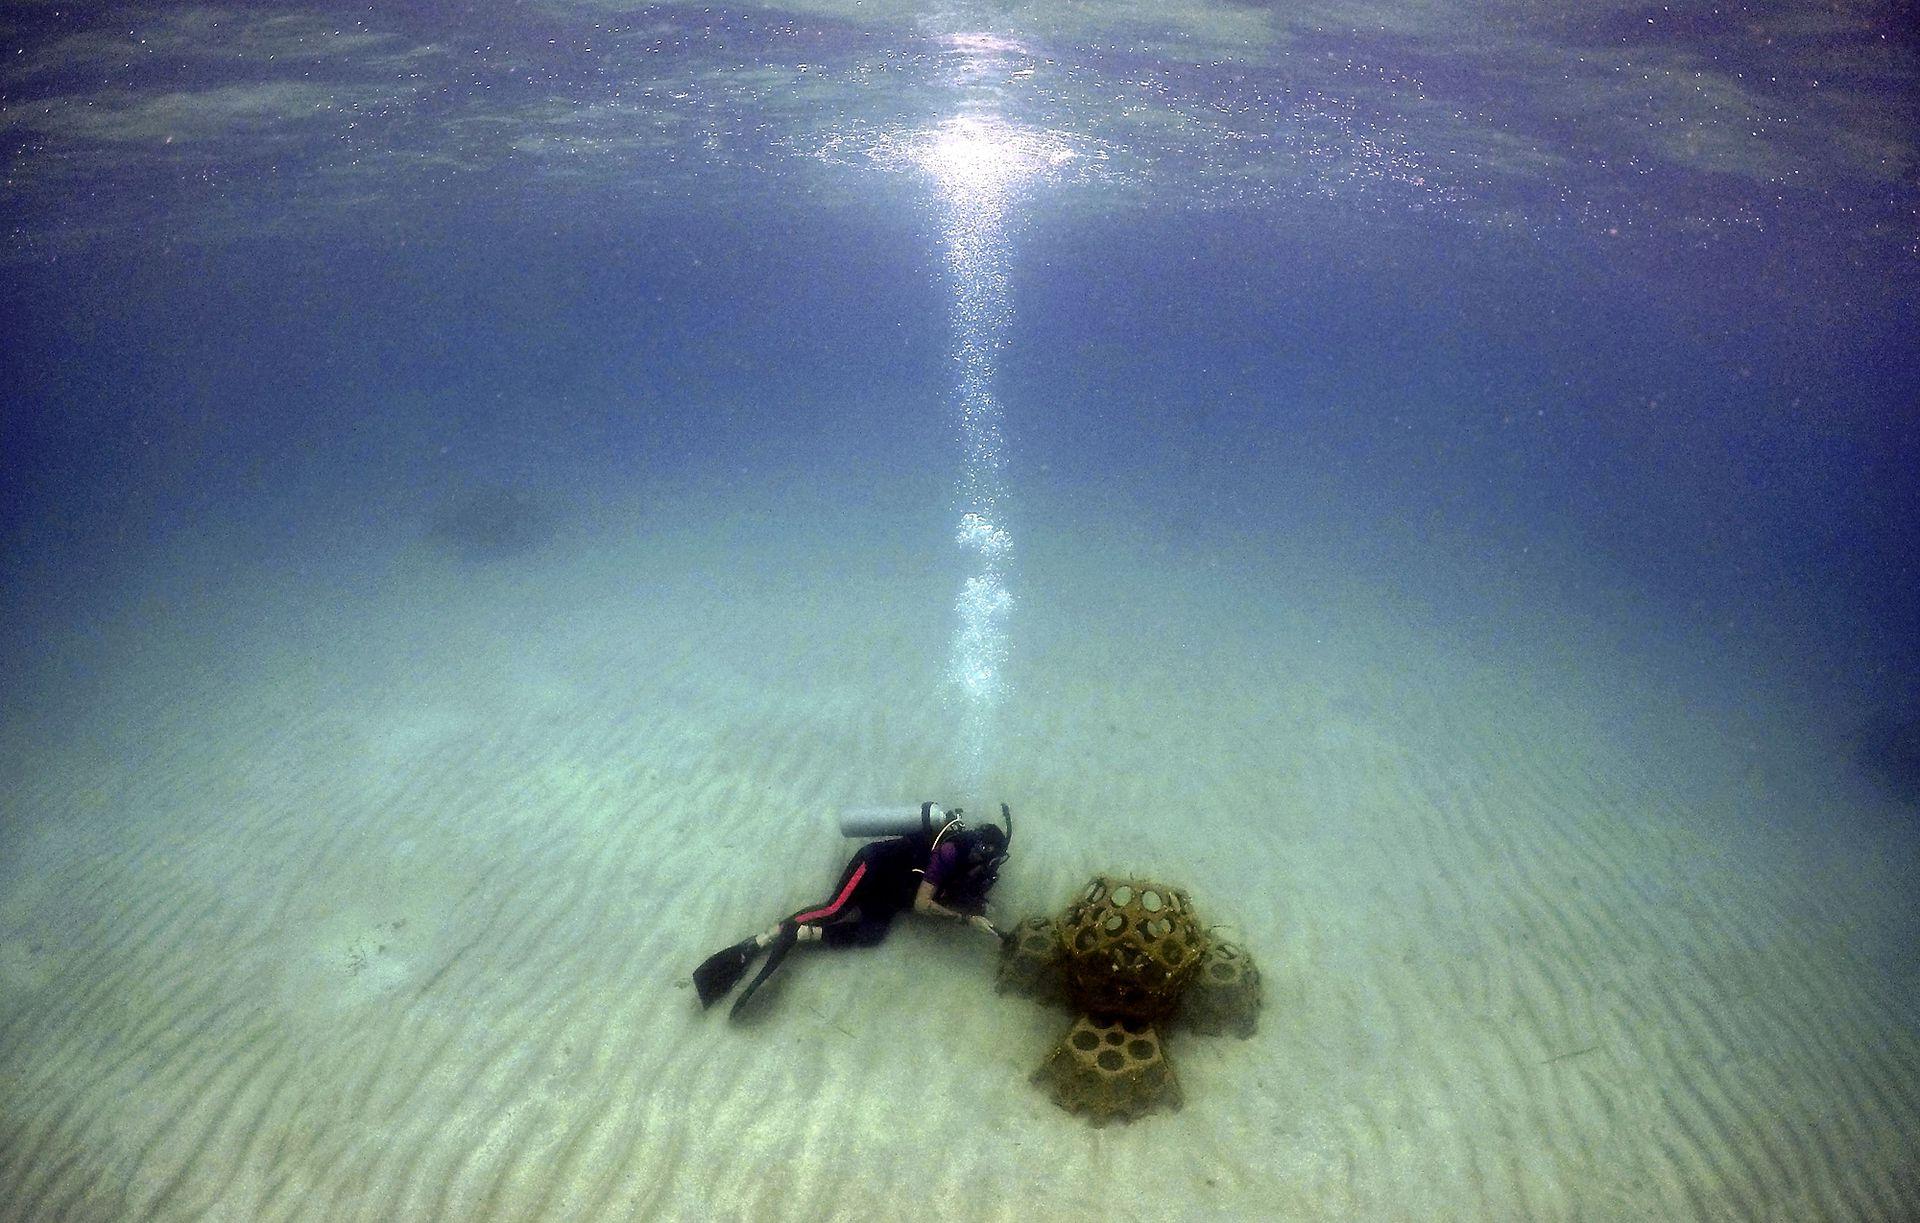 Cada dos semanas, estudiantes de Biología Marina descienden unos cinco metros en el mar para cuidar un vivero de coral de la especie Cuerno de Ciervo (Acropora Cervicornis), con el que pretenden restaurar los arrecifes dañados por el cambio climático y la contaminación, en Portobelo, Panamá